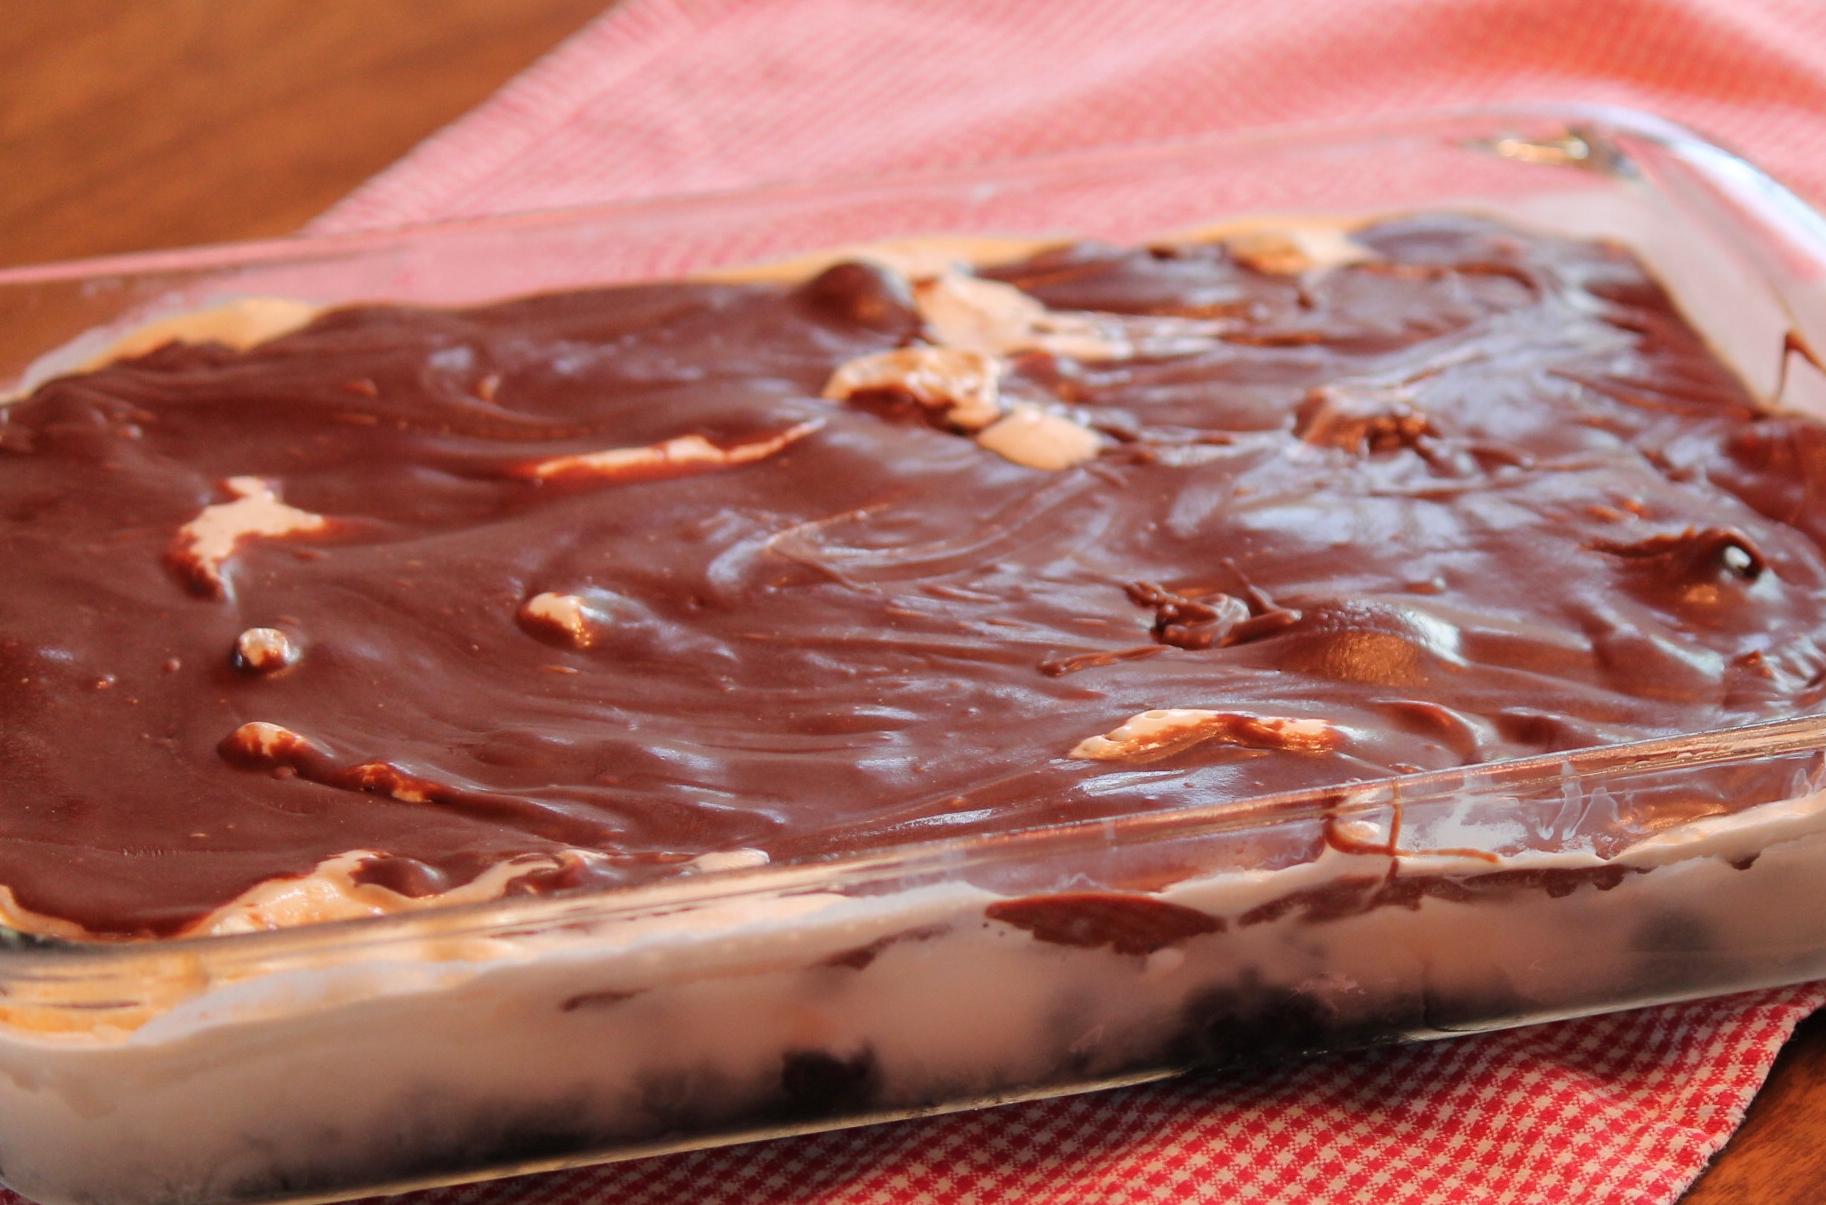 Mudslide Recipe for Dessert Finished